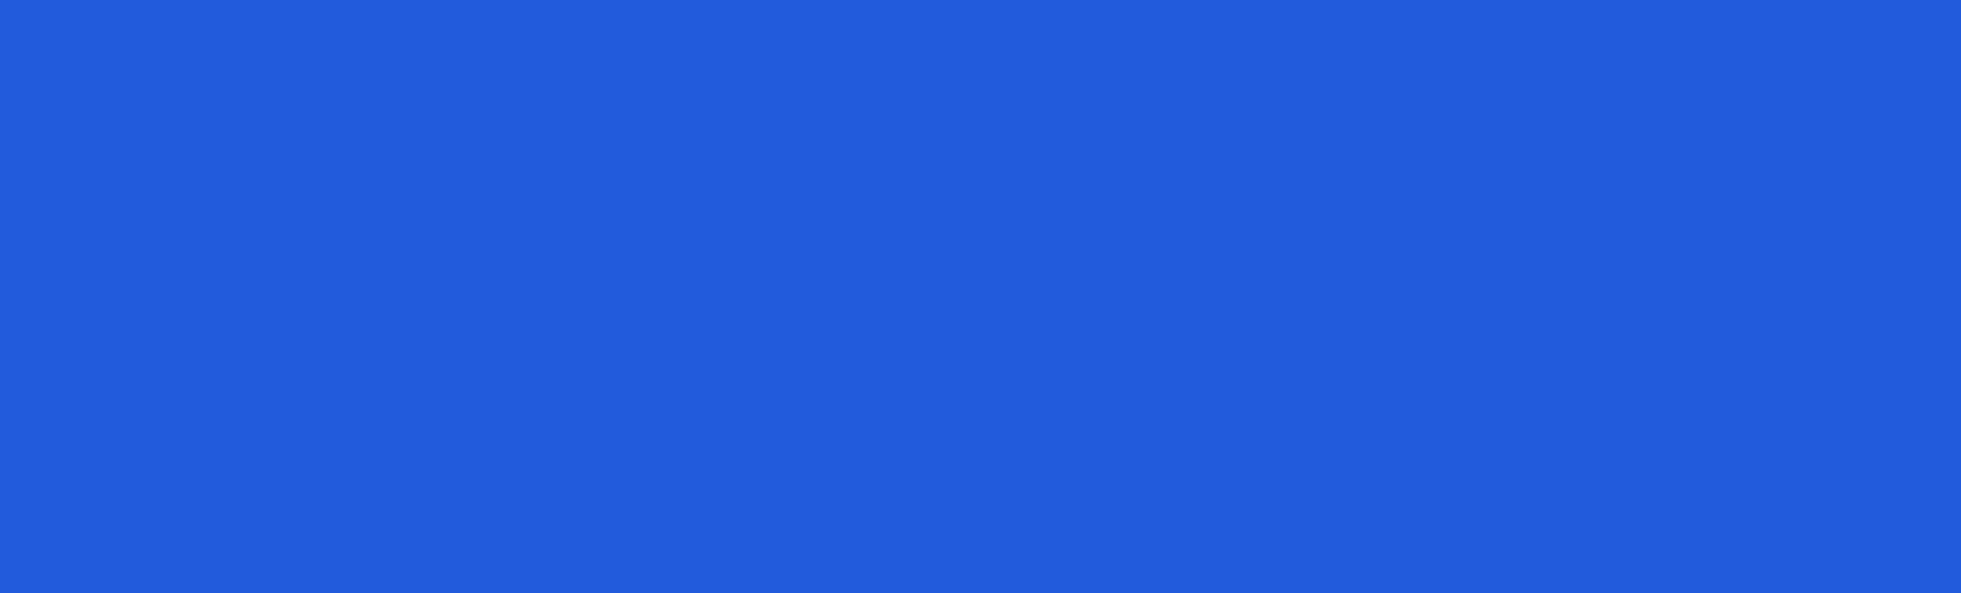 SBC Somali